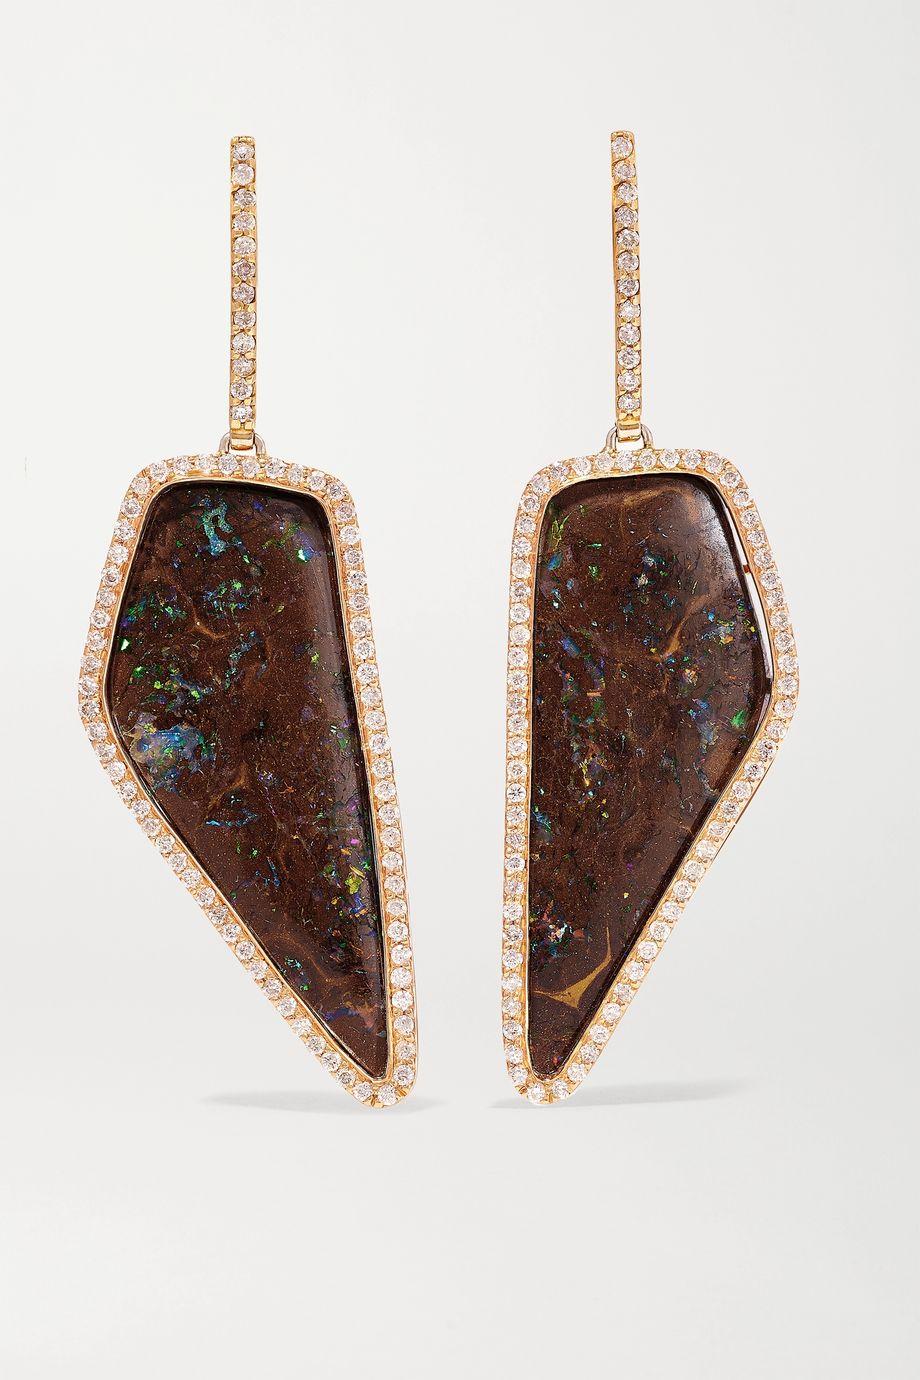 Kimberly McDonald Ohrringe aus 18 Karat Roségold mit Opalen und Diamanten